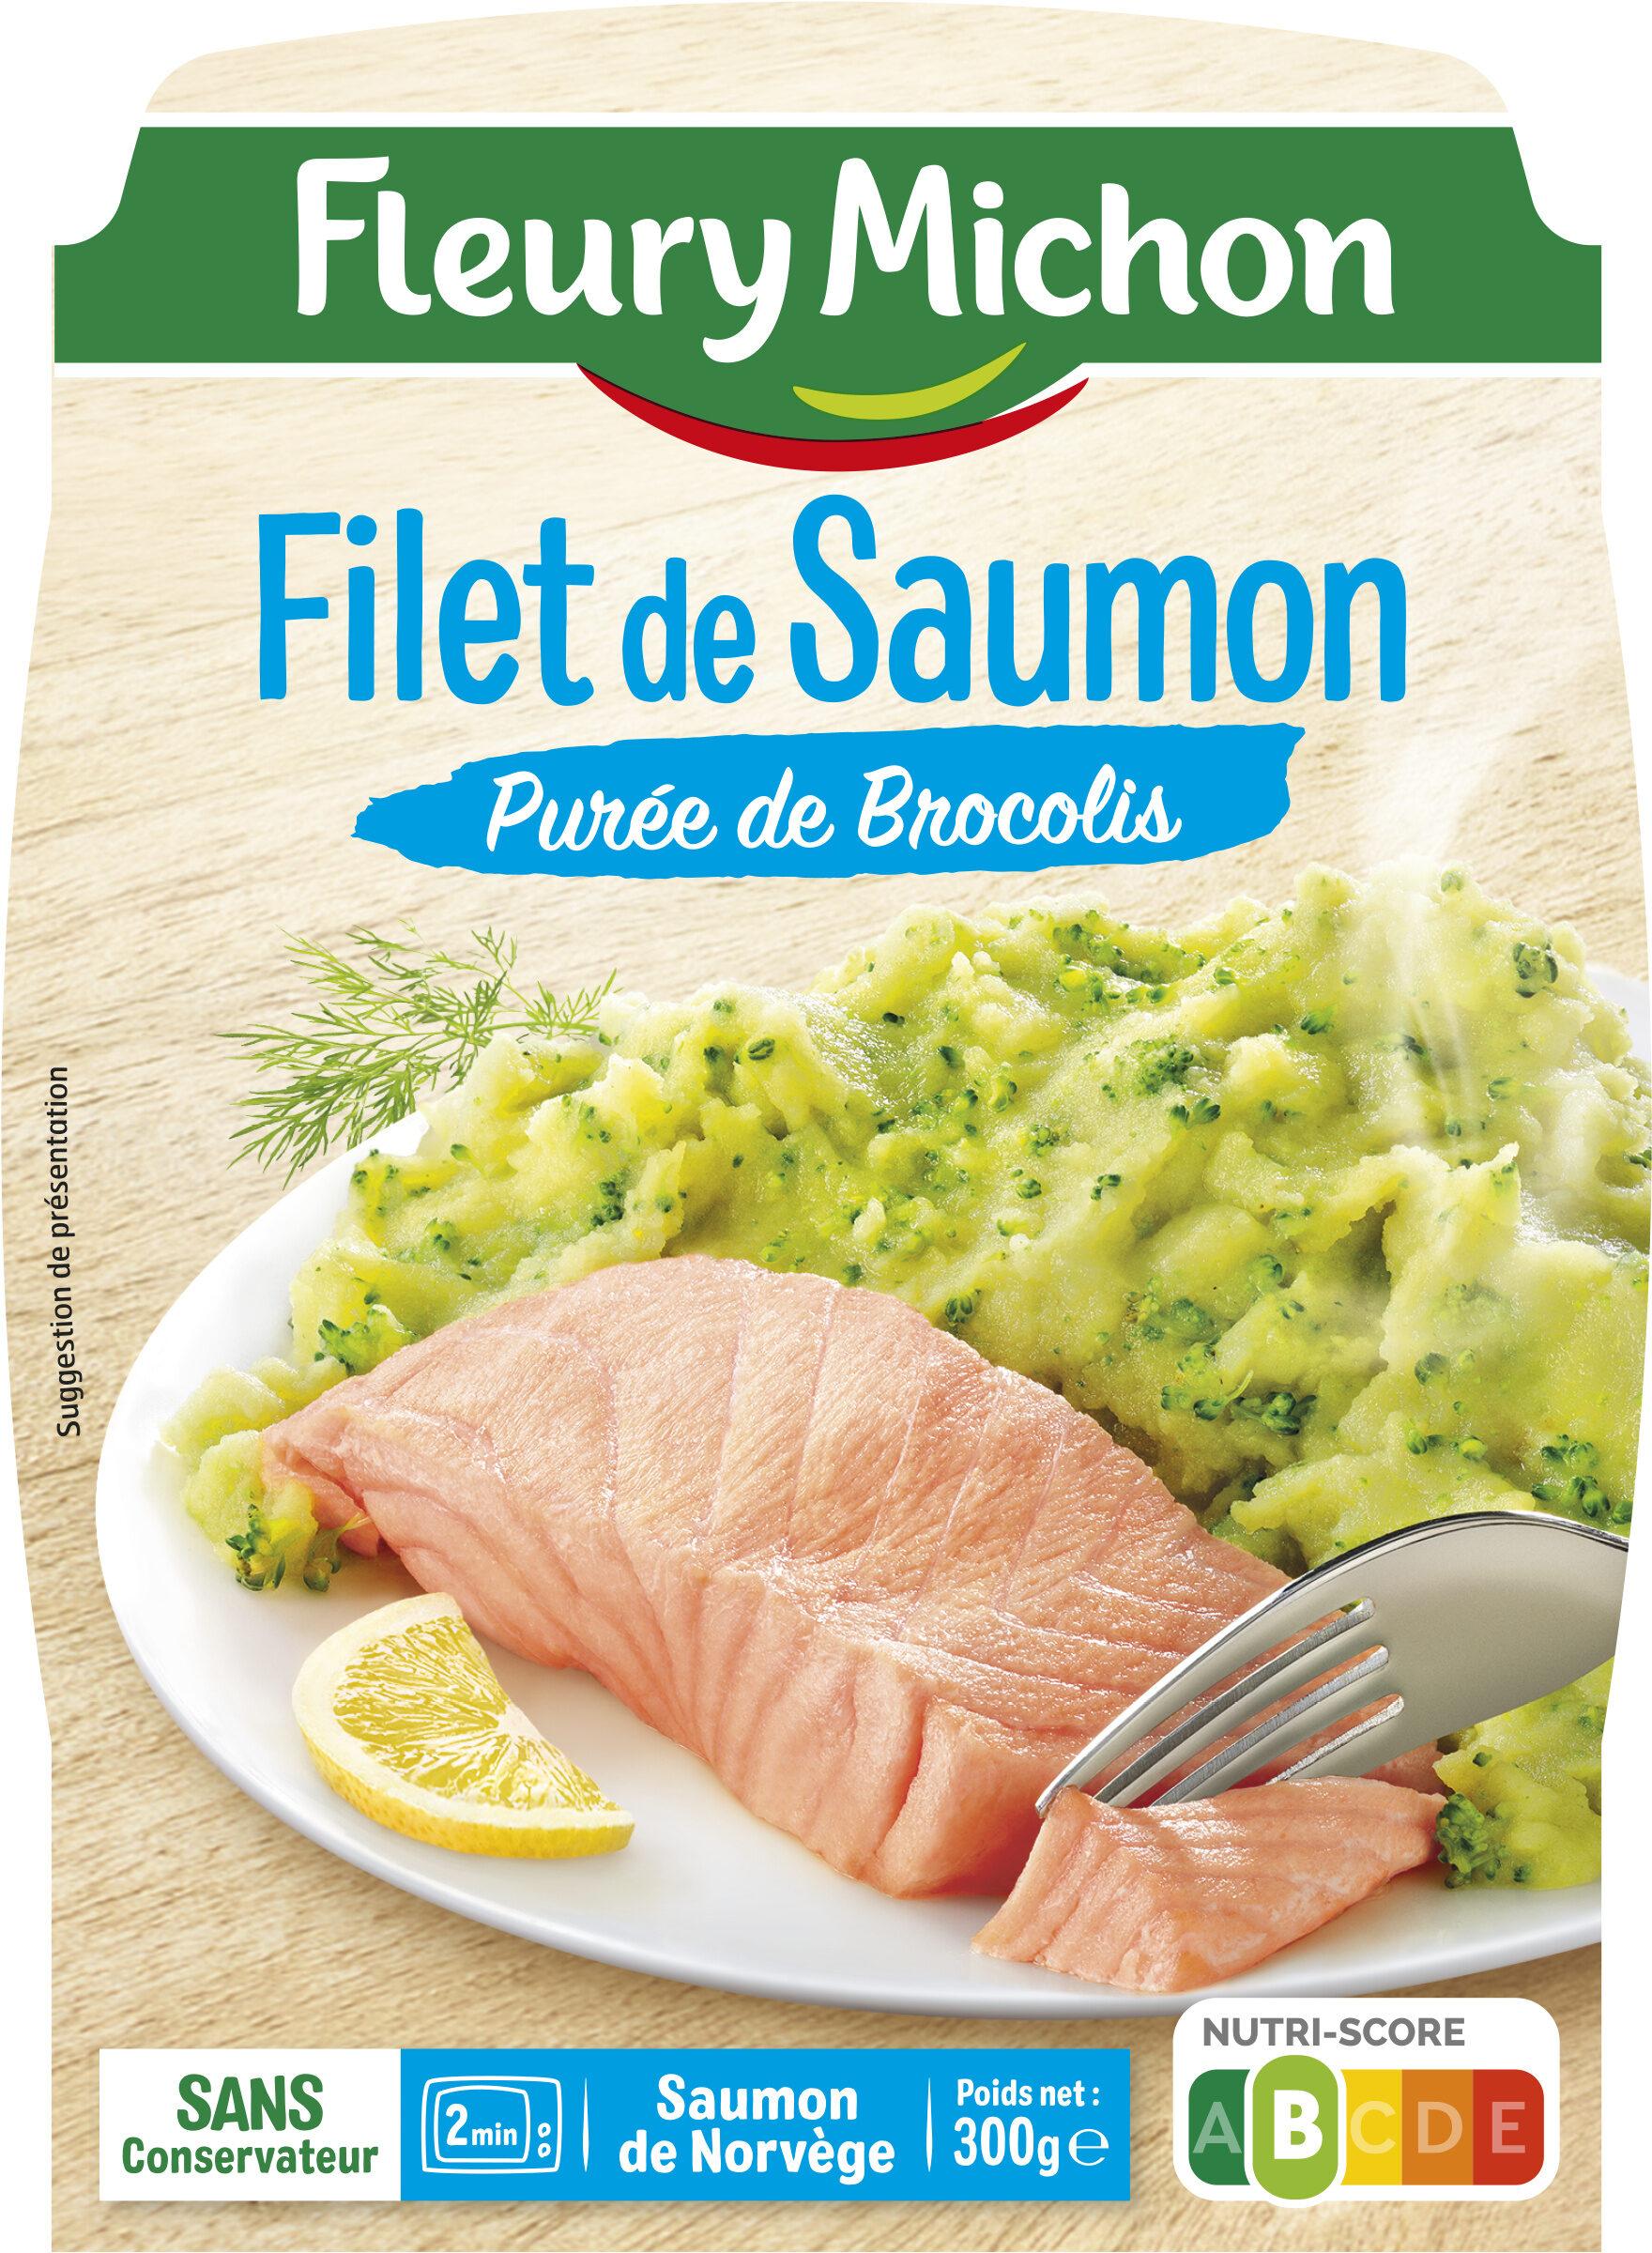 Filet de Saumon Purée de Brocolis - Product